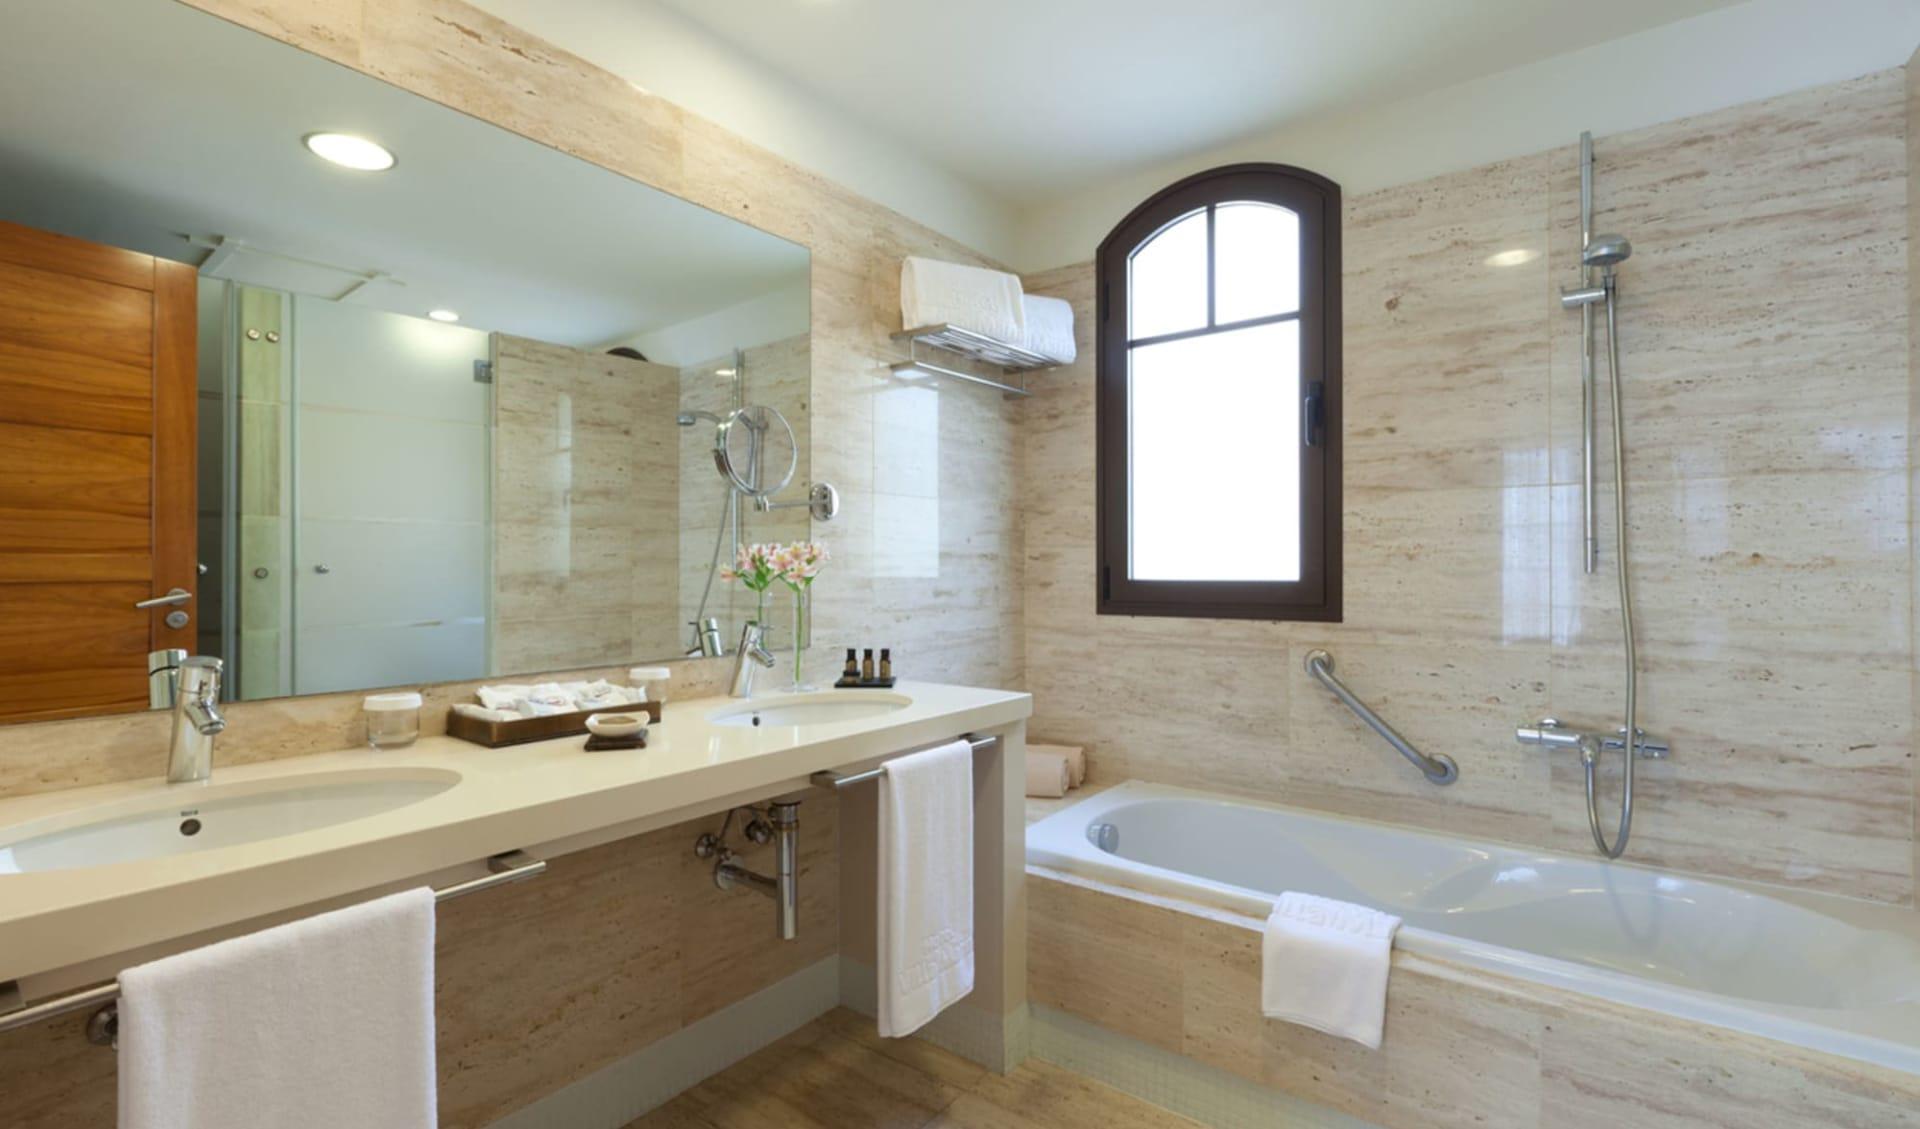 Hotel Suite Villa Maria in Teneriffa: 1 bedroom villa - Bathroom